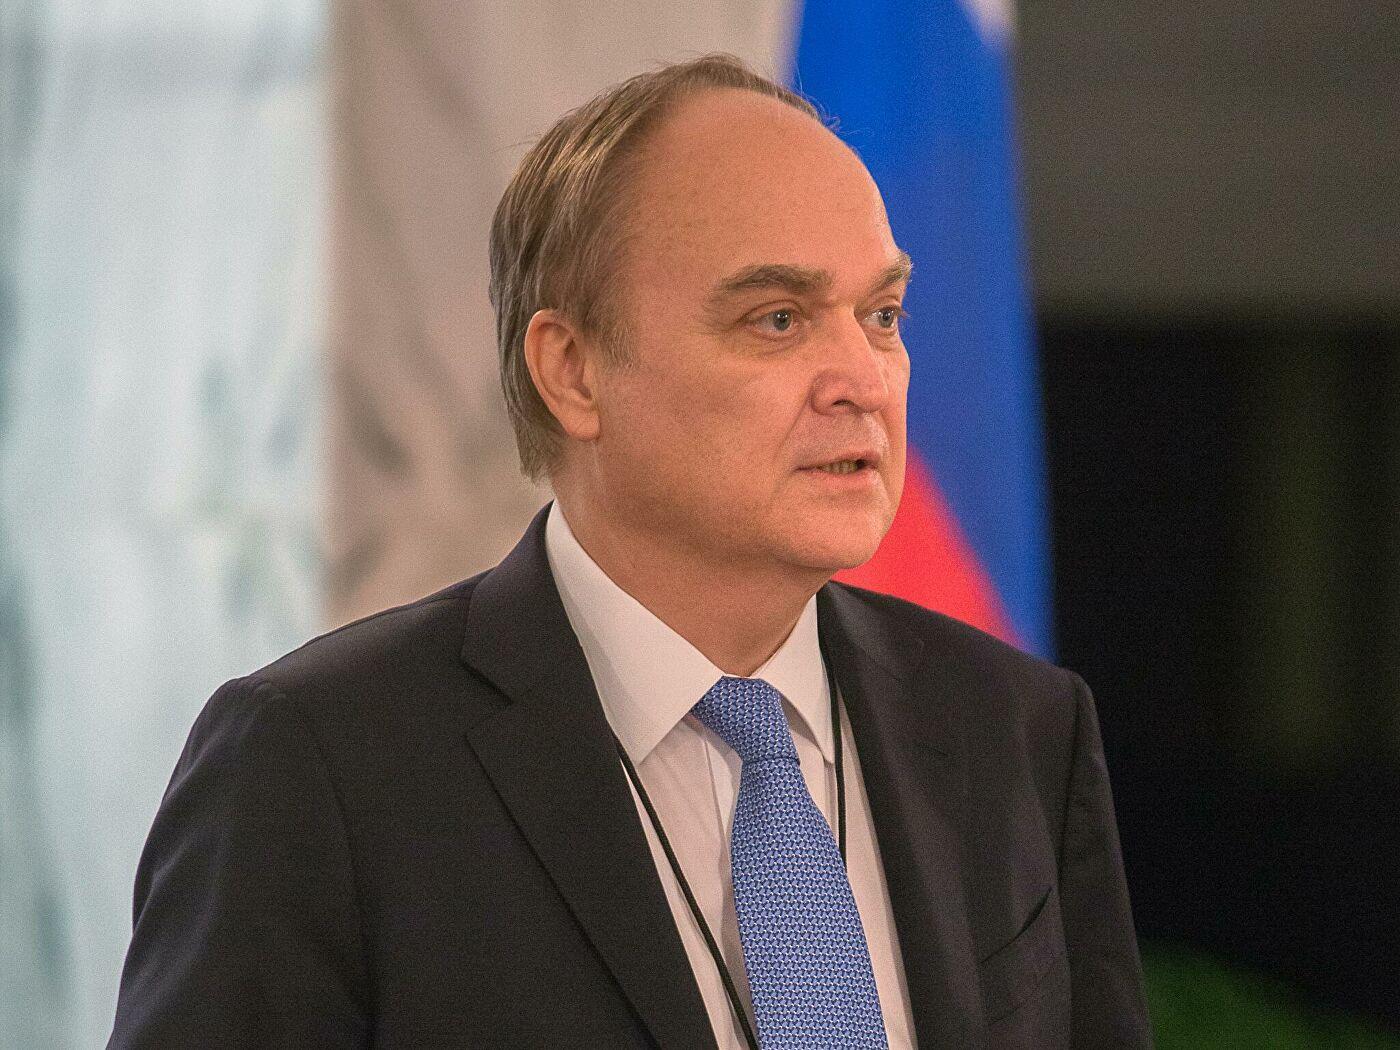 """Антонов: САД заинтересоване за предлог Москве да се одржи самит """"нуклеарне петорке"""" који је предложио Путин"""